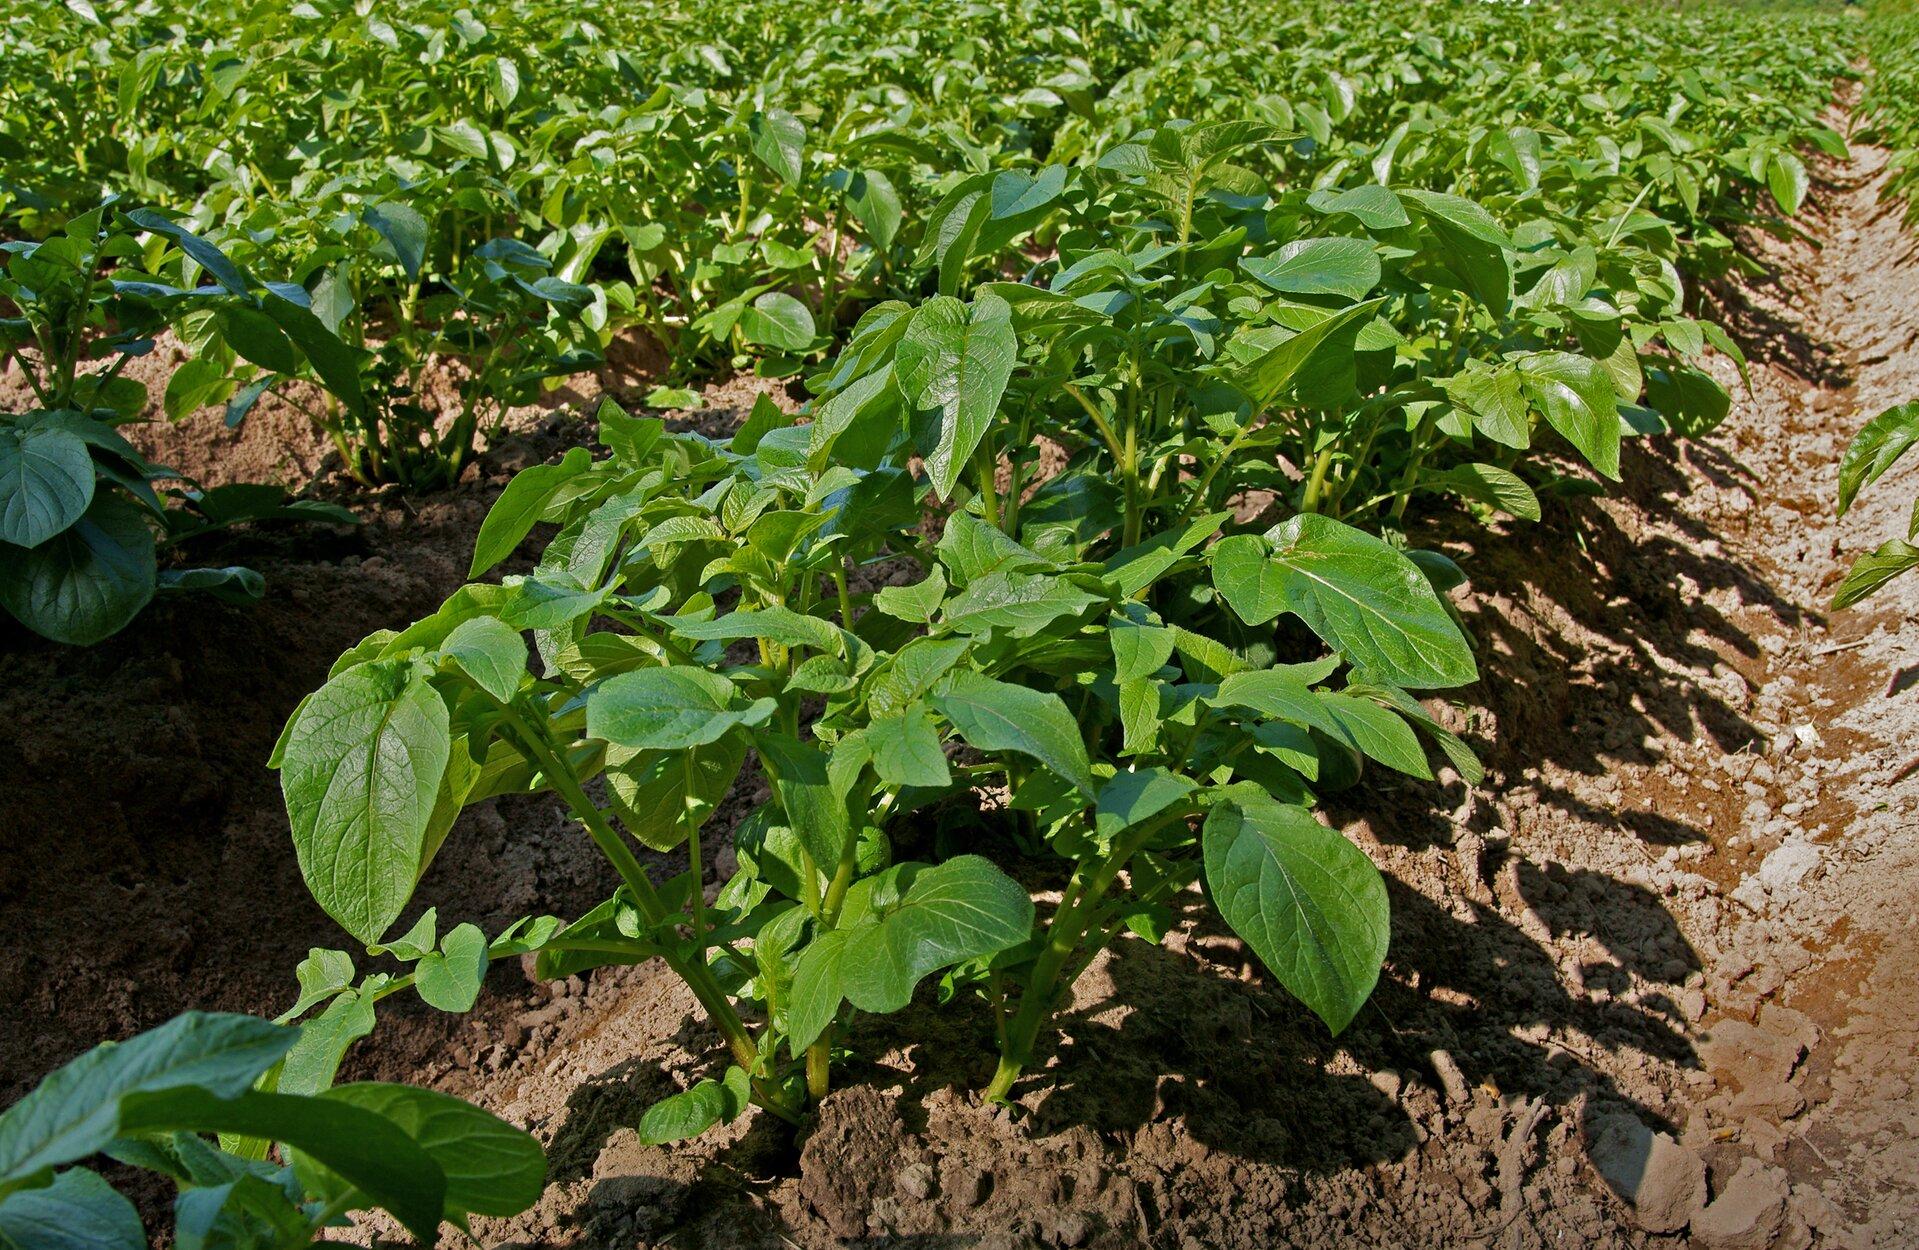 Na zdjęciu plantacja ziemniaków, równe rzędy sadzonek.